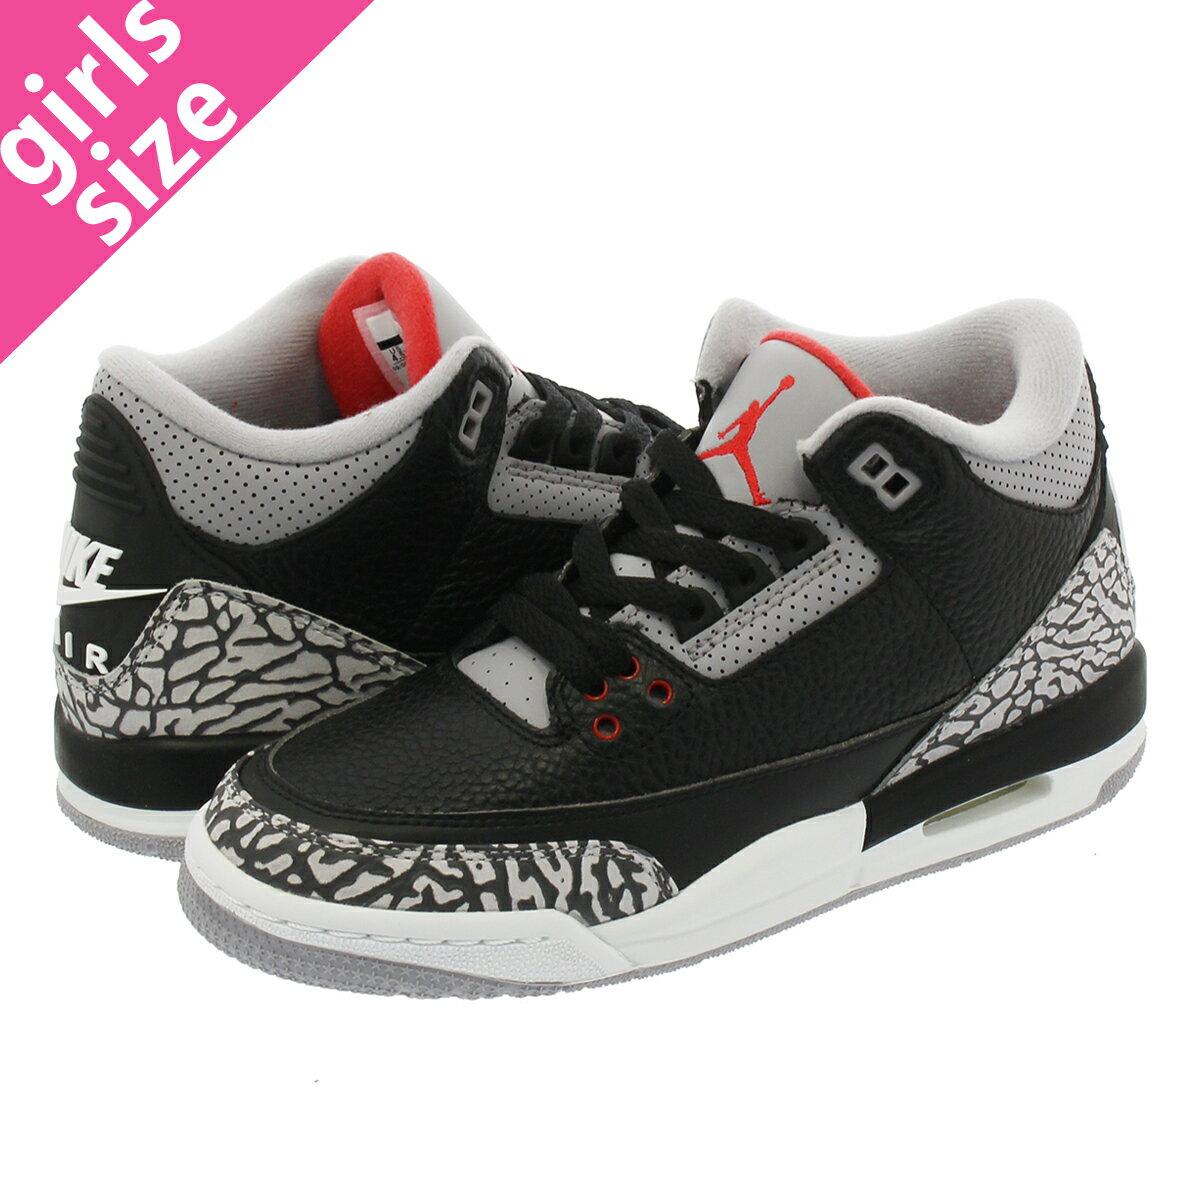 レディース靴, スニーカー NIKE AIR JORDAN 3 RETRO OG BG BLACK CEMENT 3 OG BG BLACKFIRE REDCEMENT GREYWHITE 854261-001